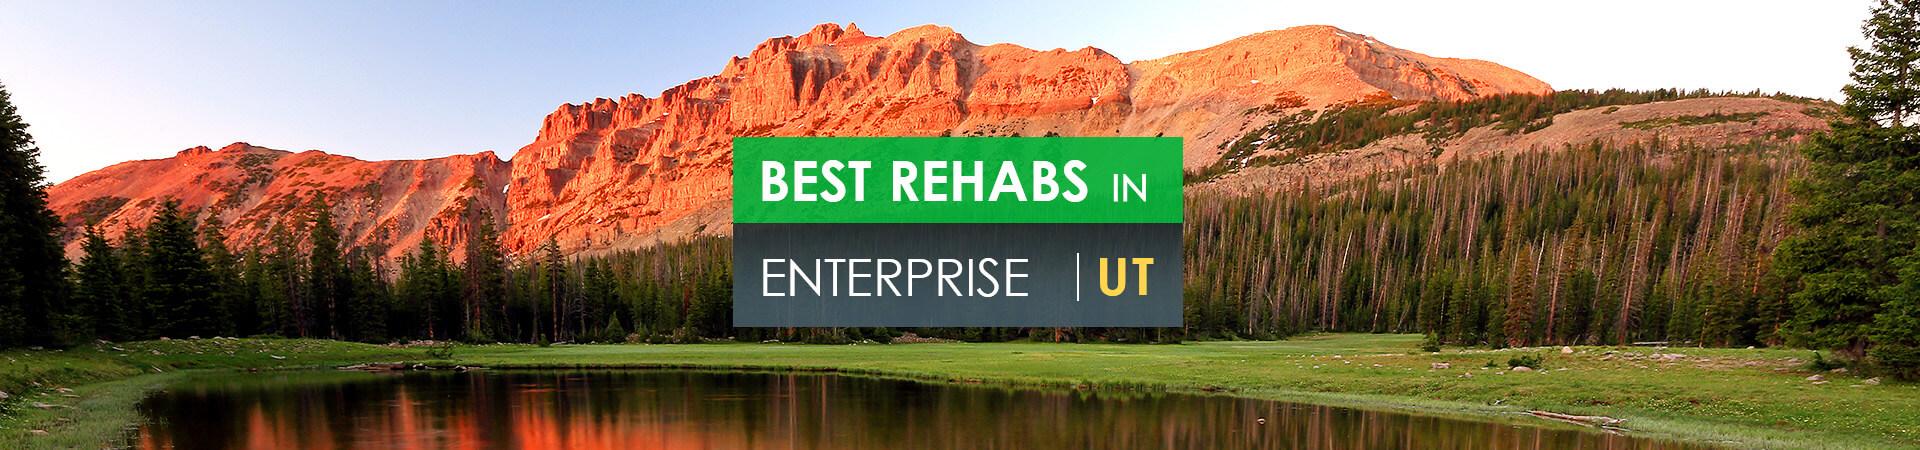 Best rehabs in Enterprise, UT